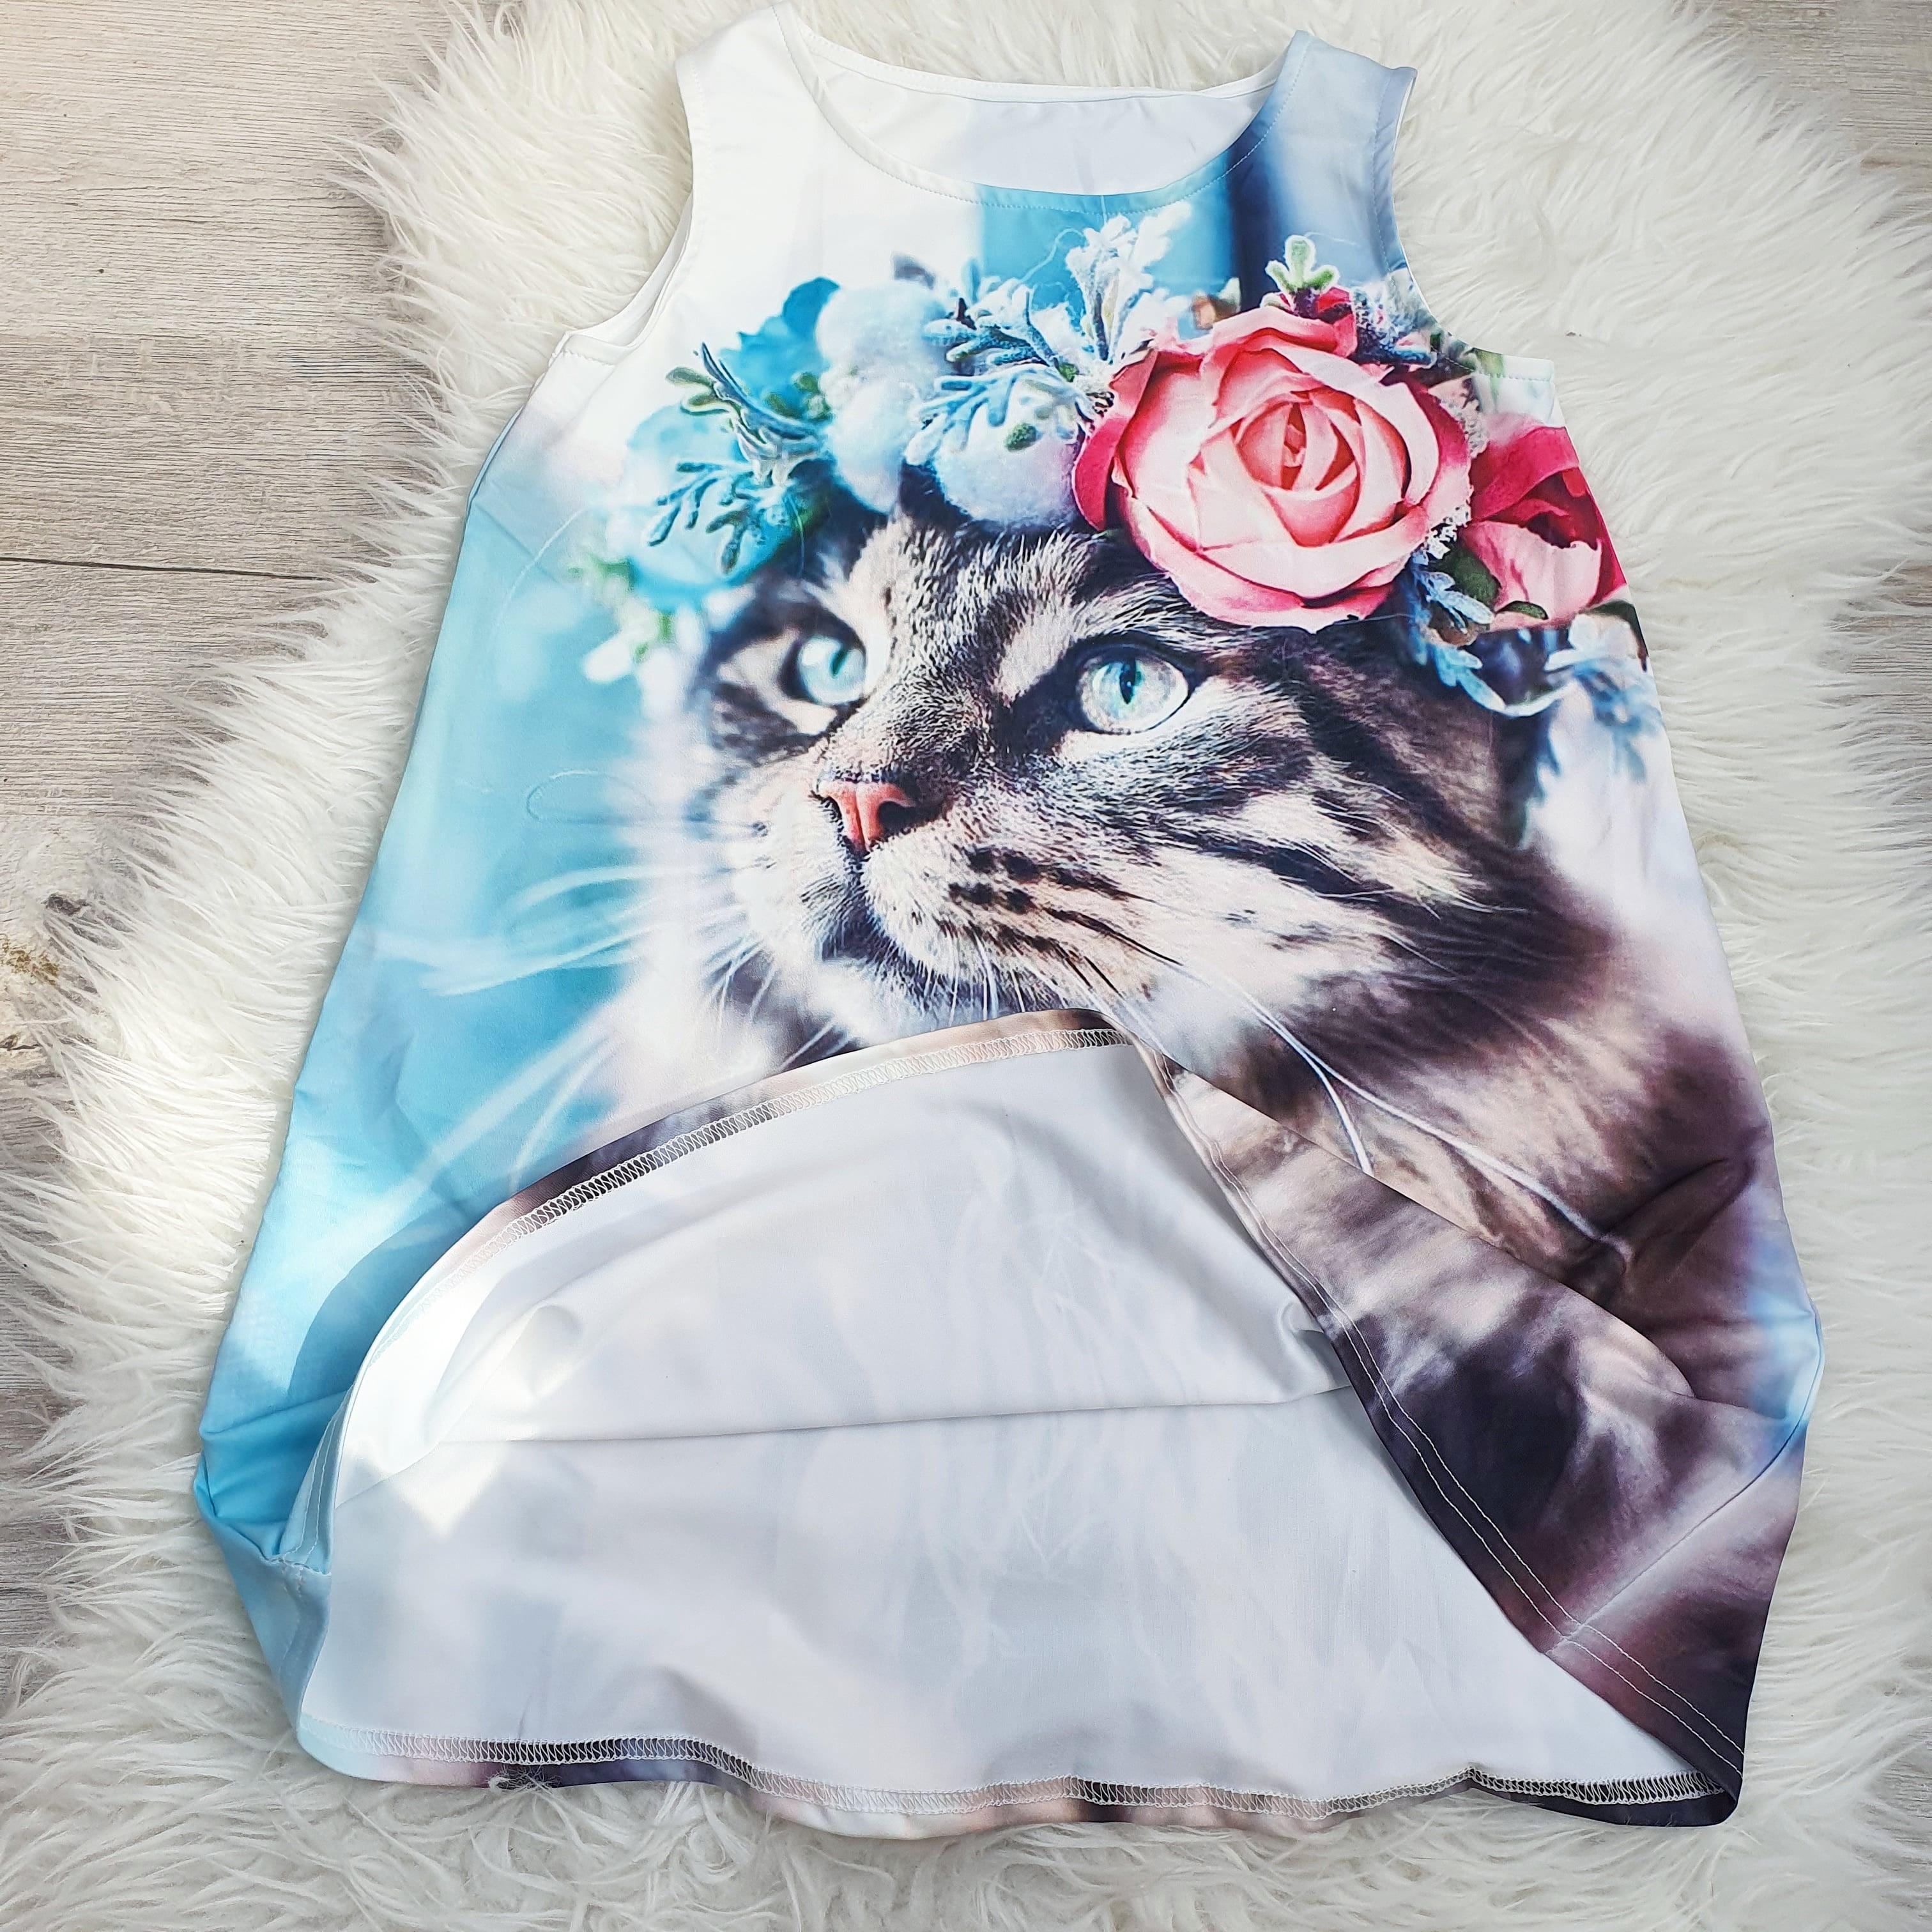 Чудесное платье с изображением котика. - фото